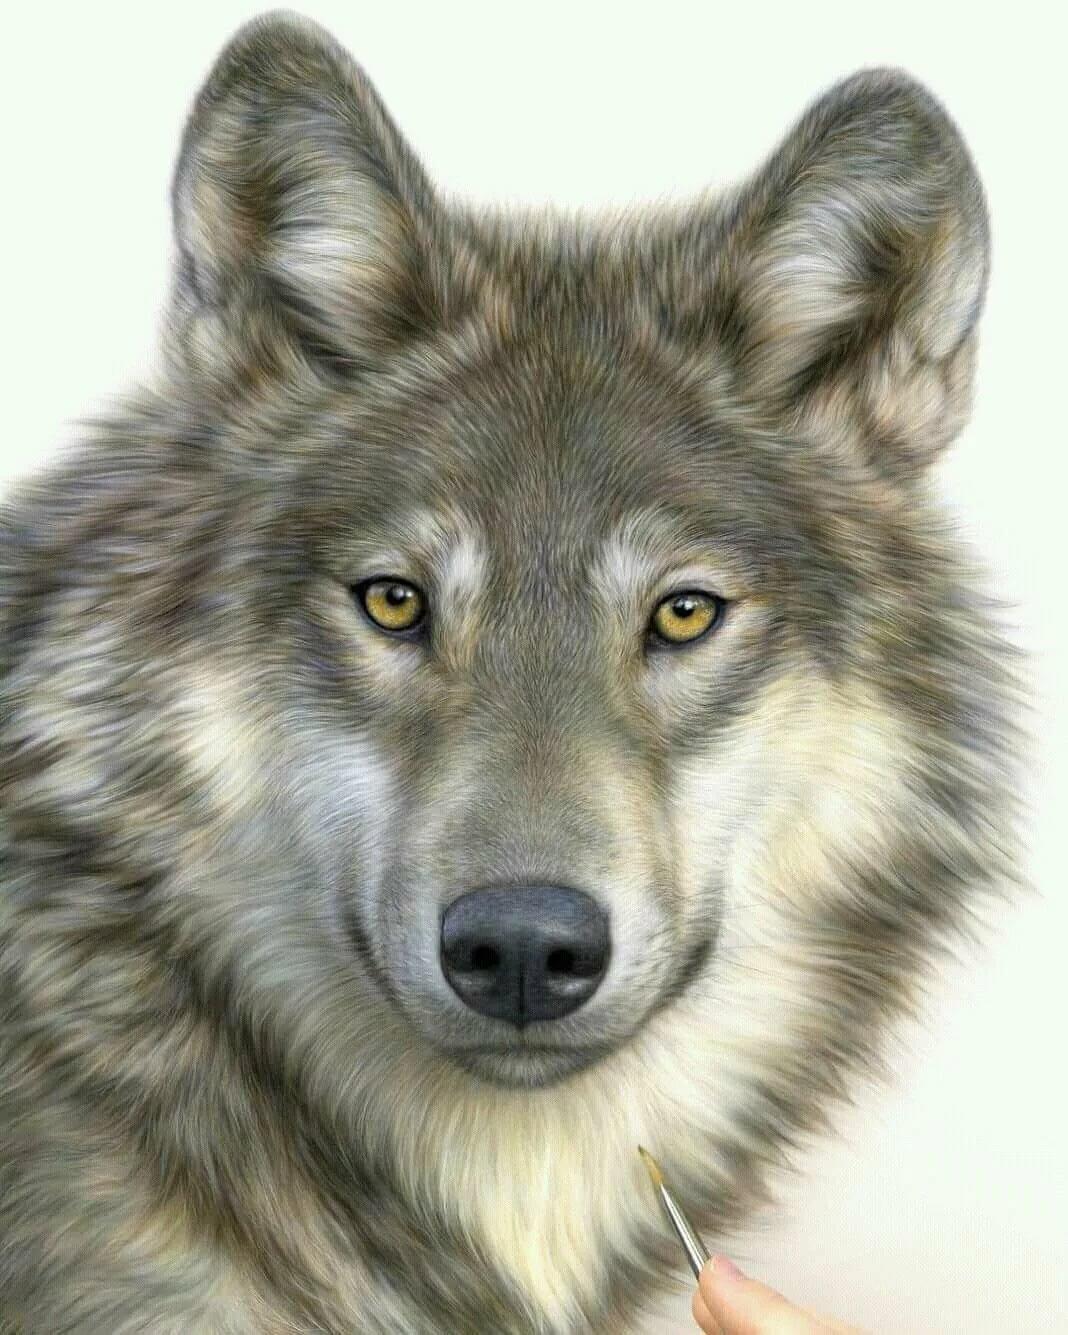 использовать волки фото картинки рисунки слышал выражение меньше